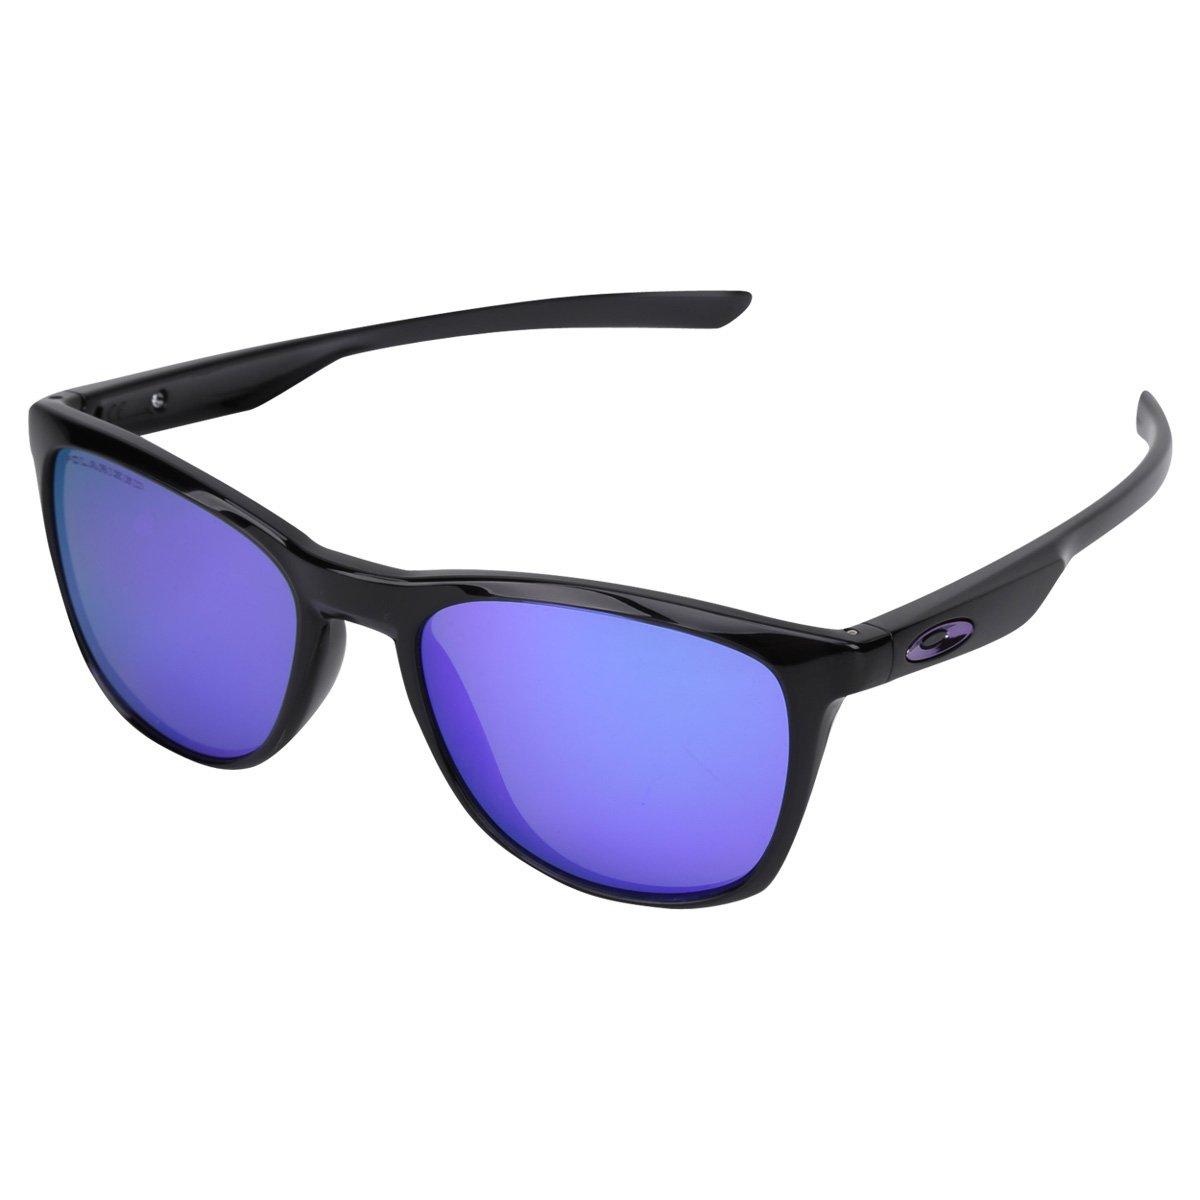 e466bf9e35e1b Óculos de Sol Oakley Trillbe X Masculino - Compre Agora